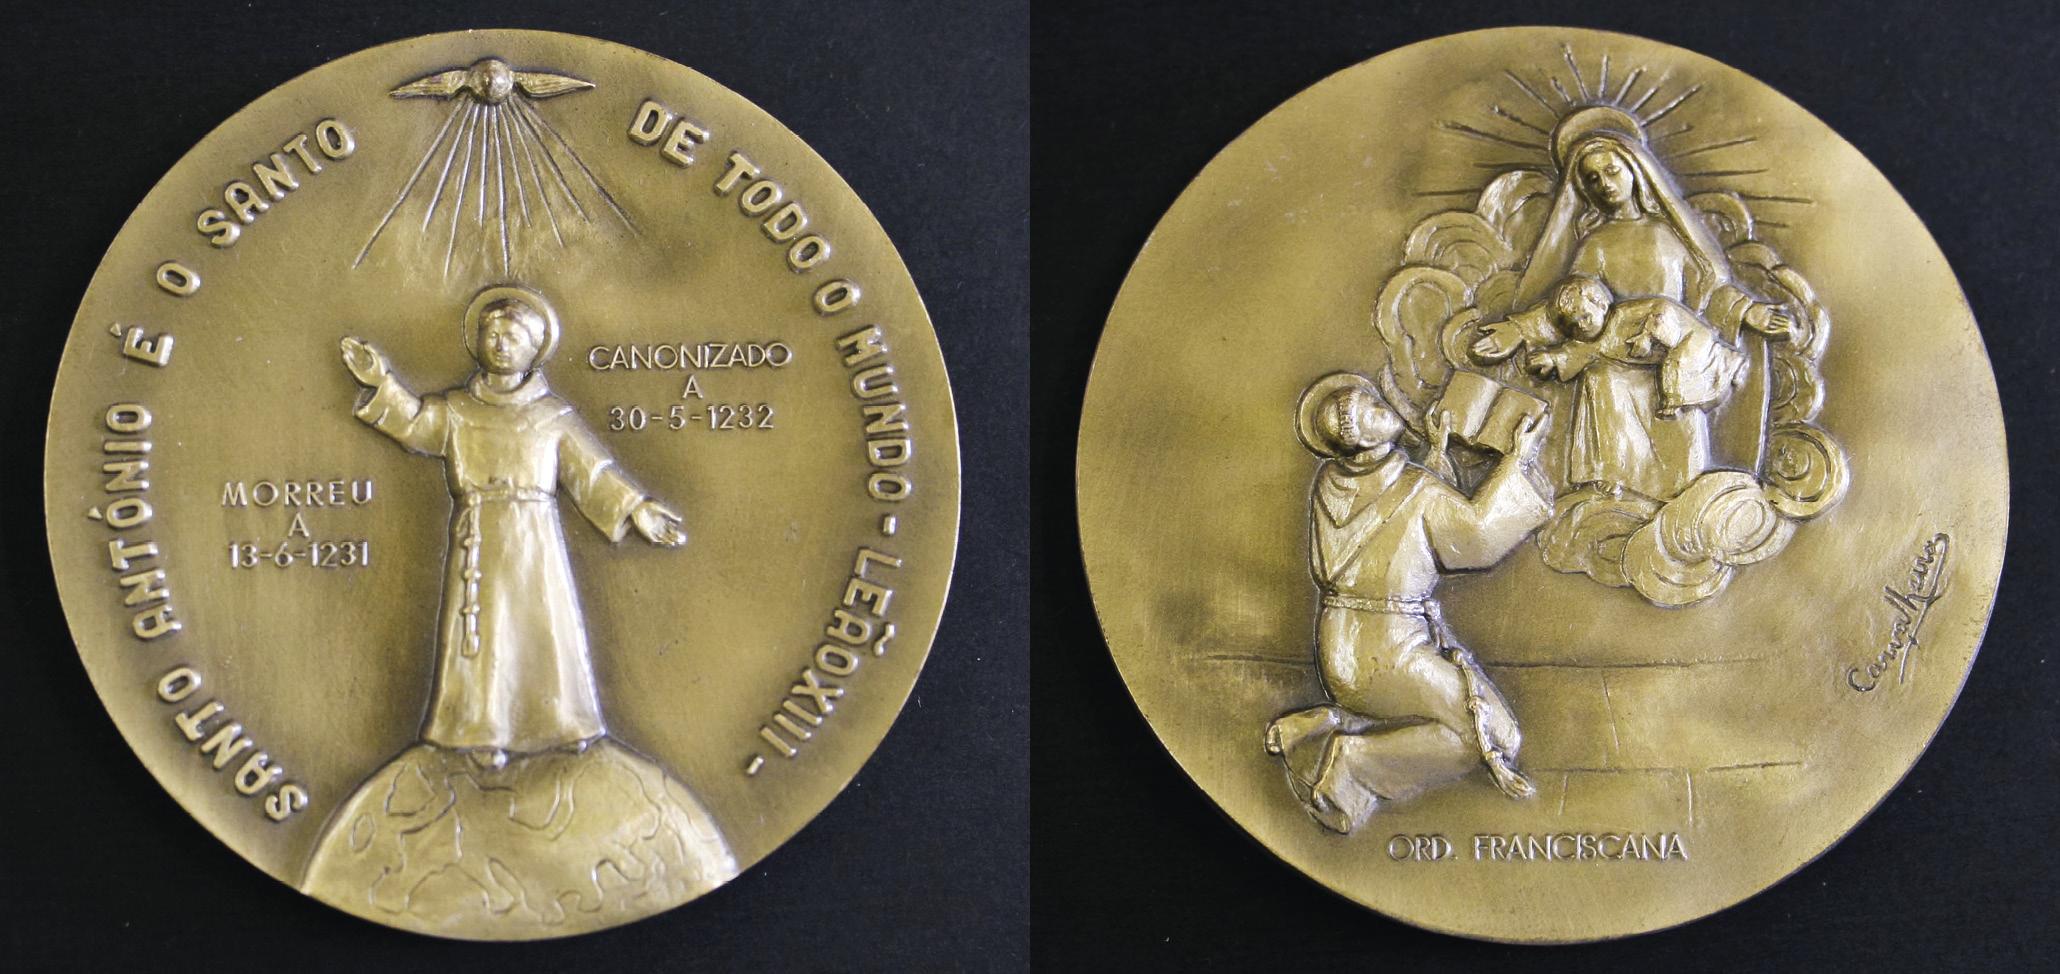 Medalha em bronze. Autoria: Maria Amélia Carvalheira, Séc. XX, Coleção Museu de Lisboa – Santo António, MA.MED.0006